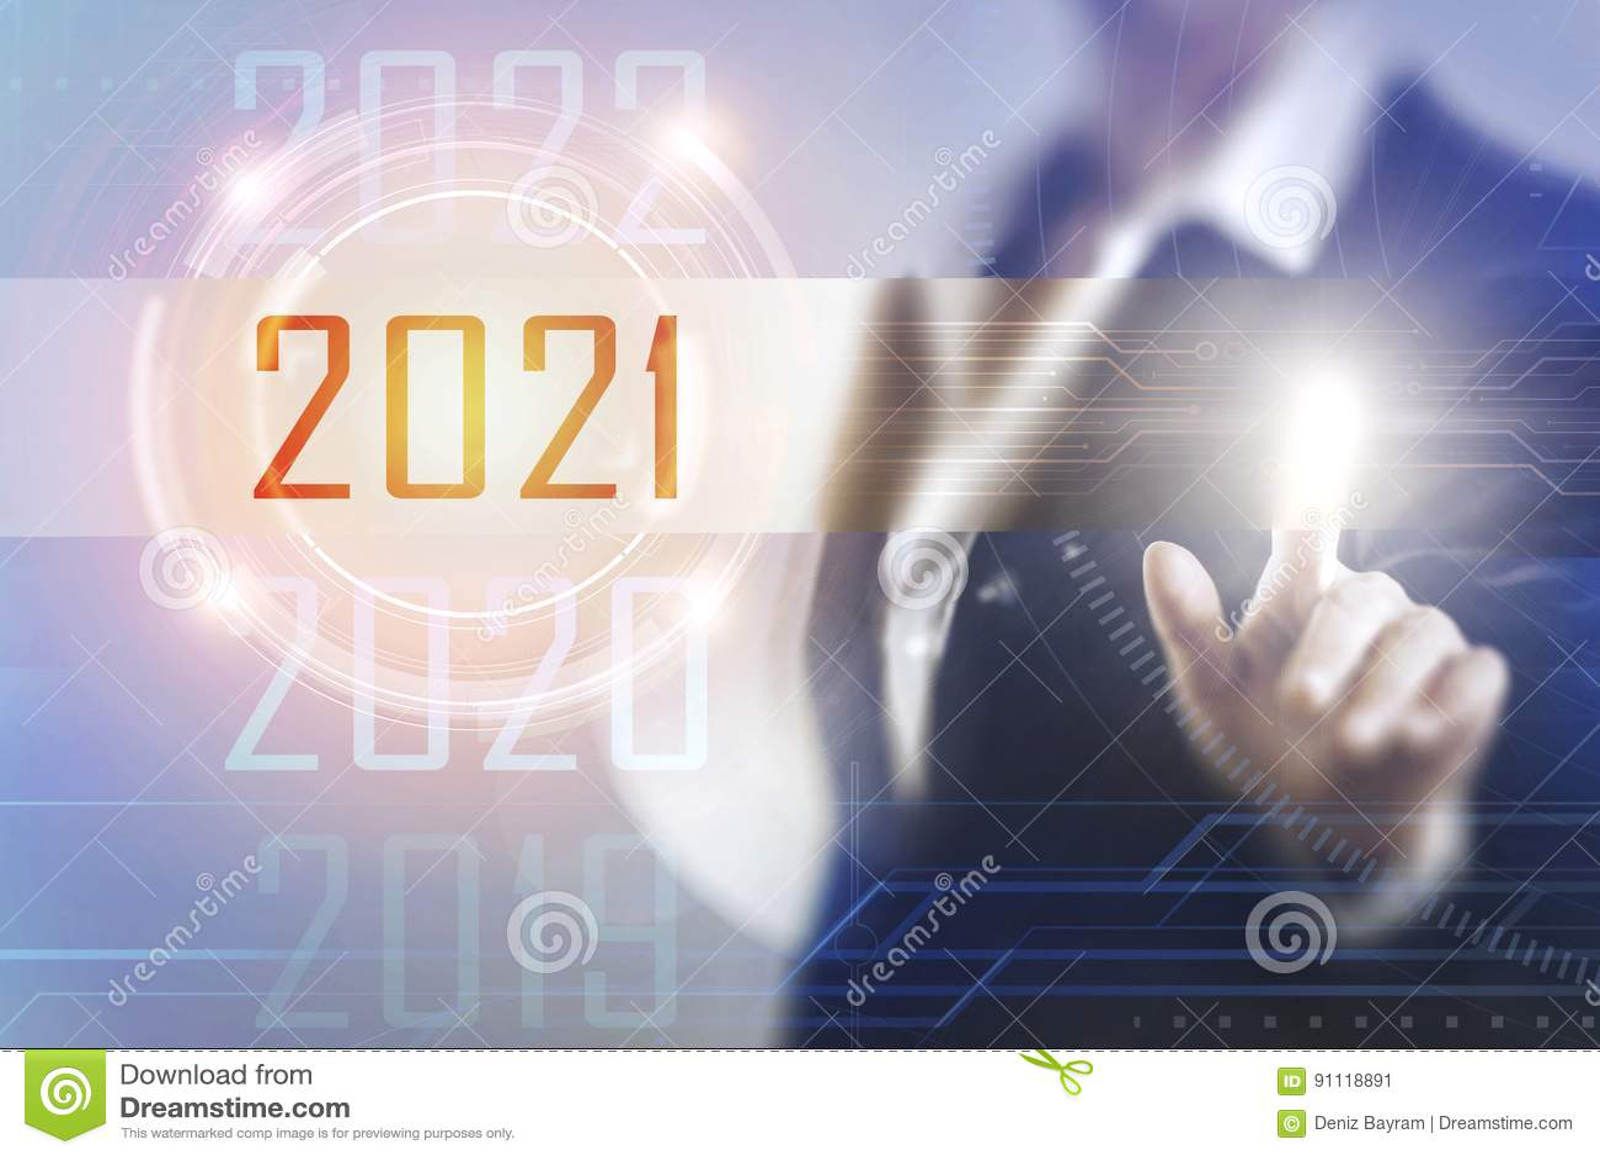 Donne di affari che toccano lo schermo 2021